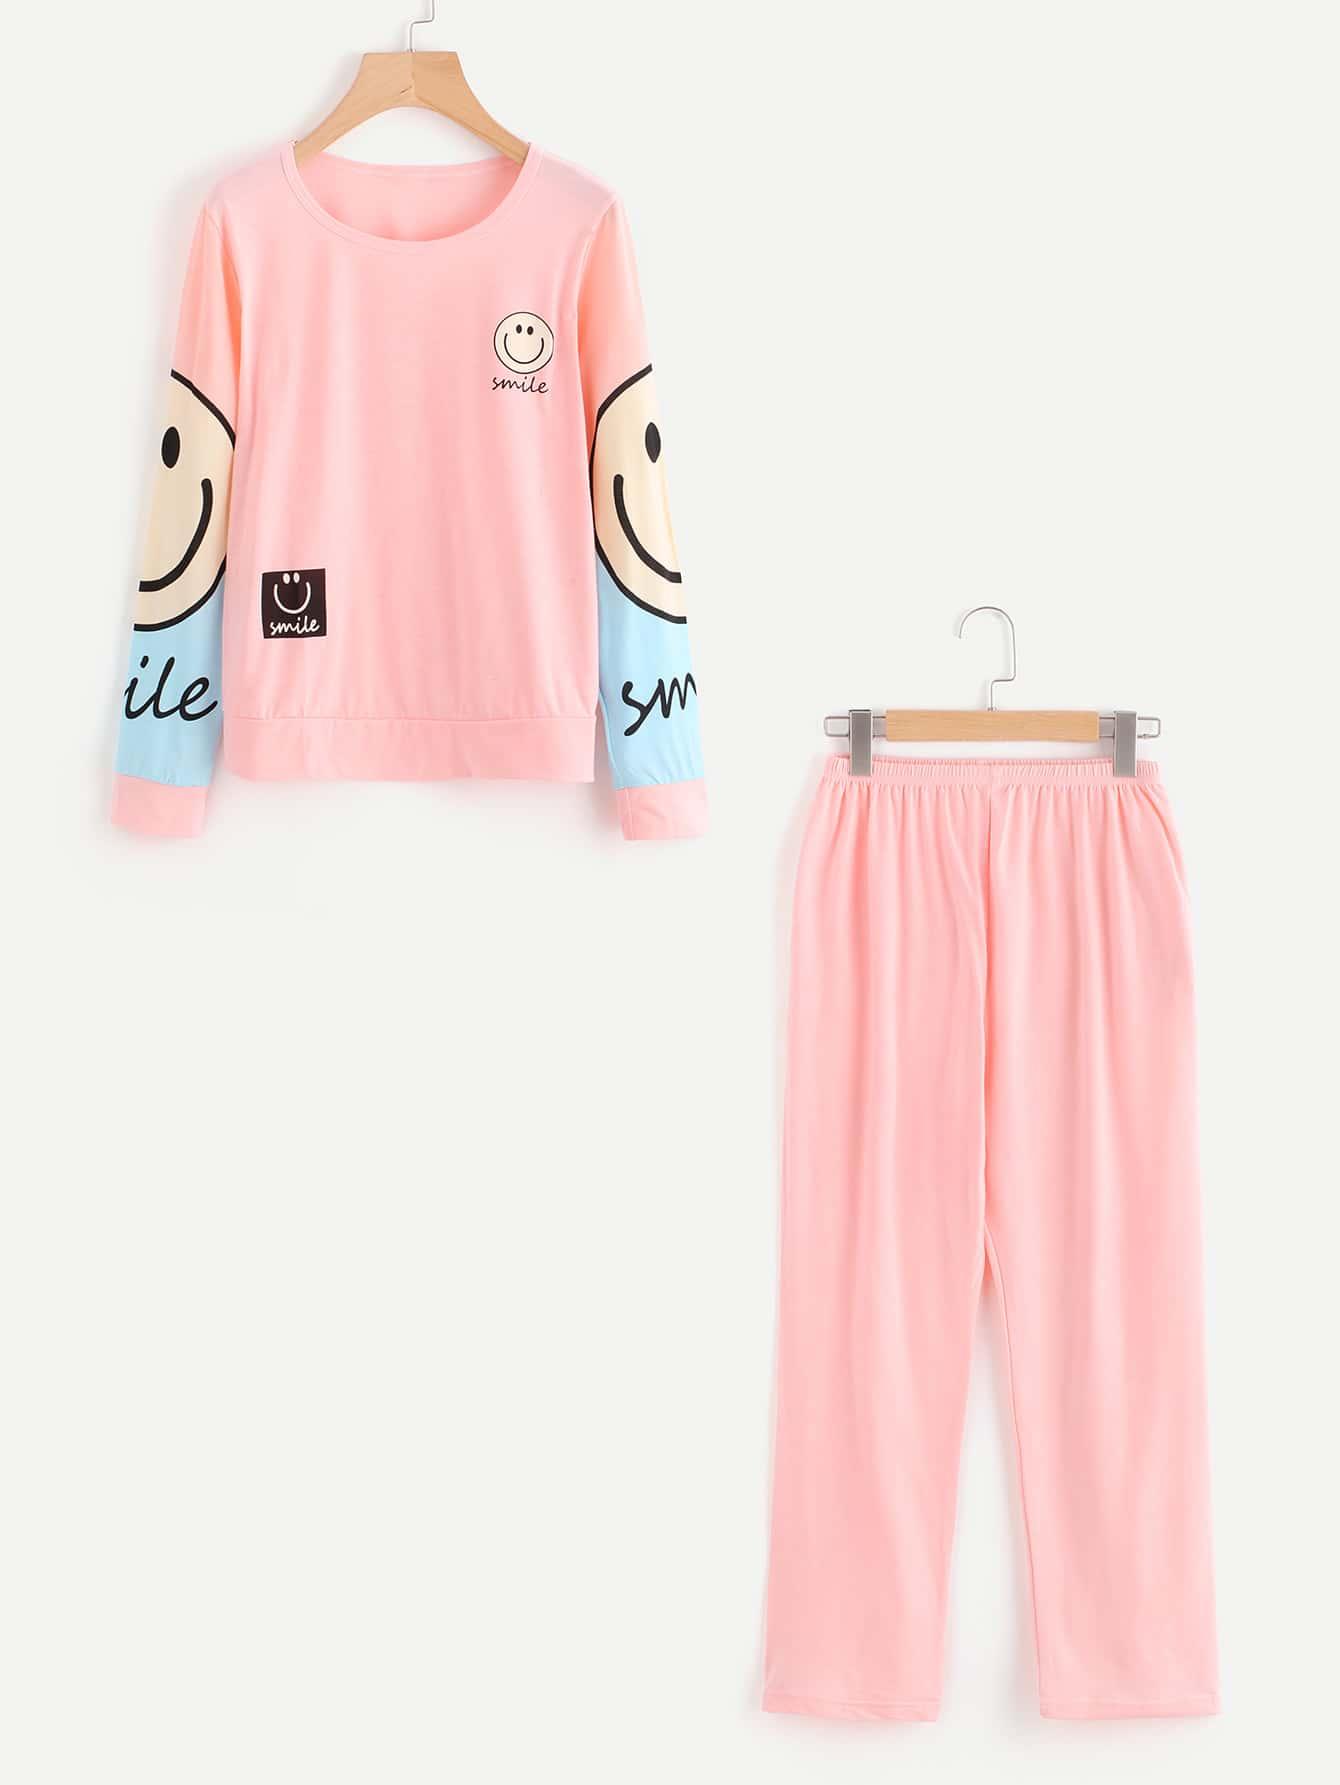 купить Cartoon Print Pullover And Pants Pajama Set недорого